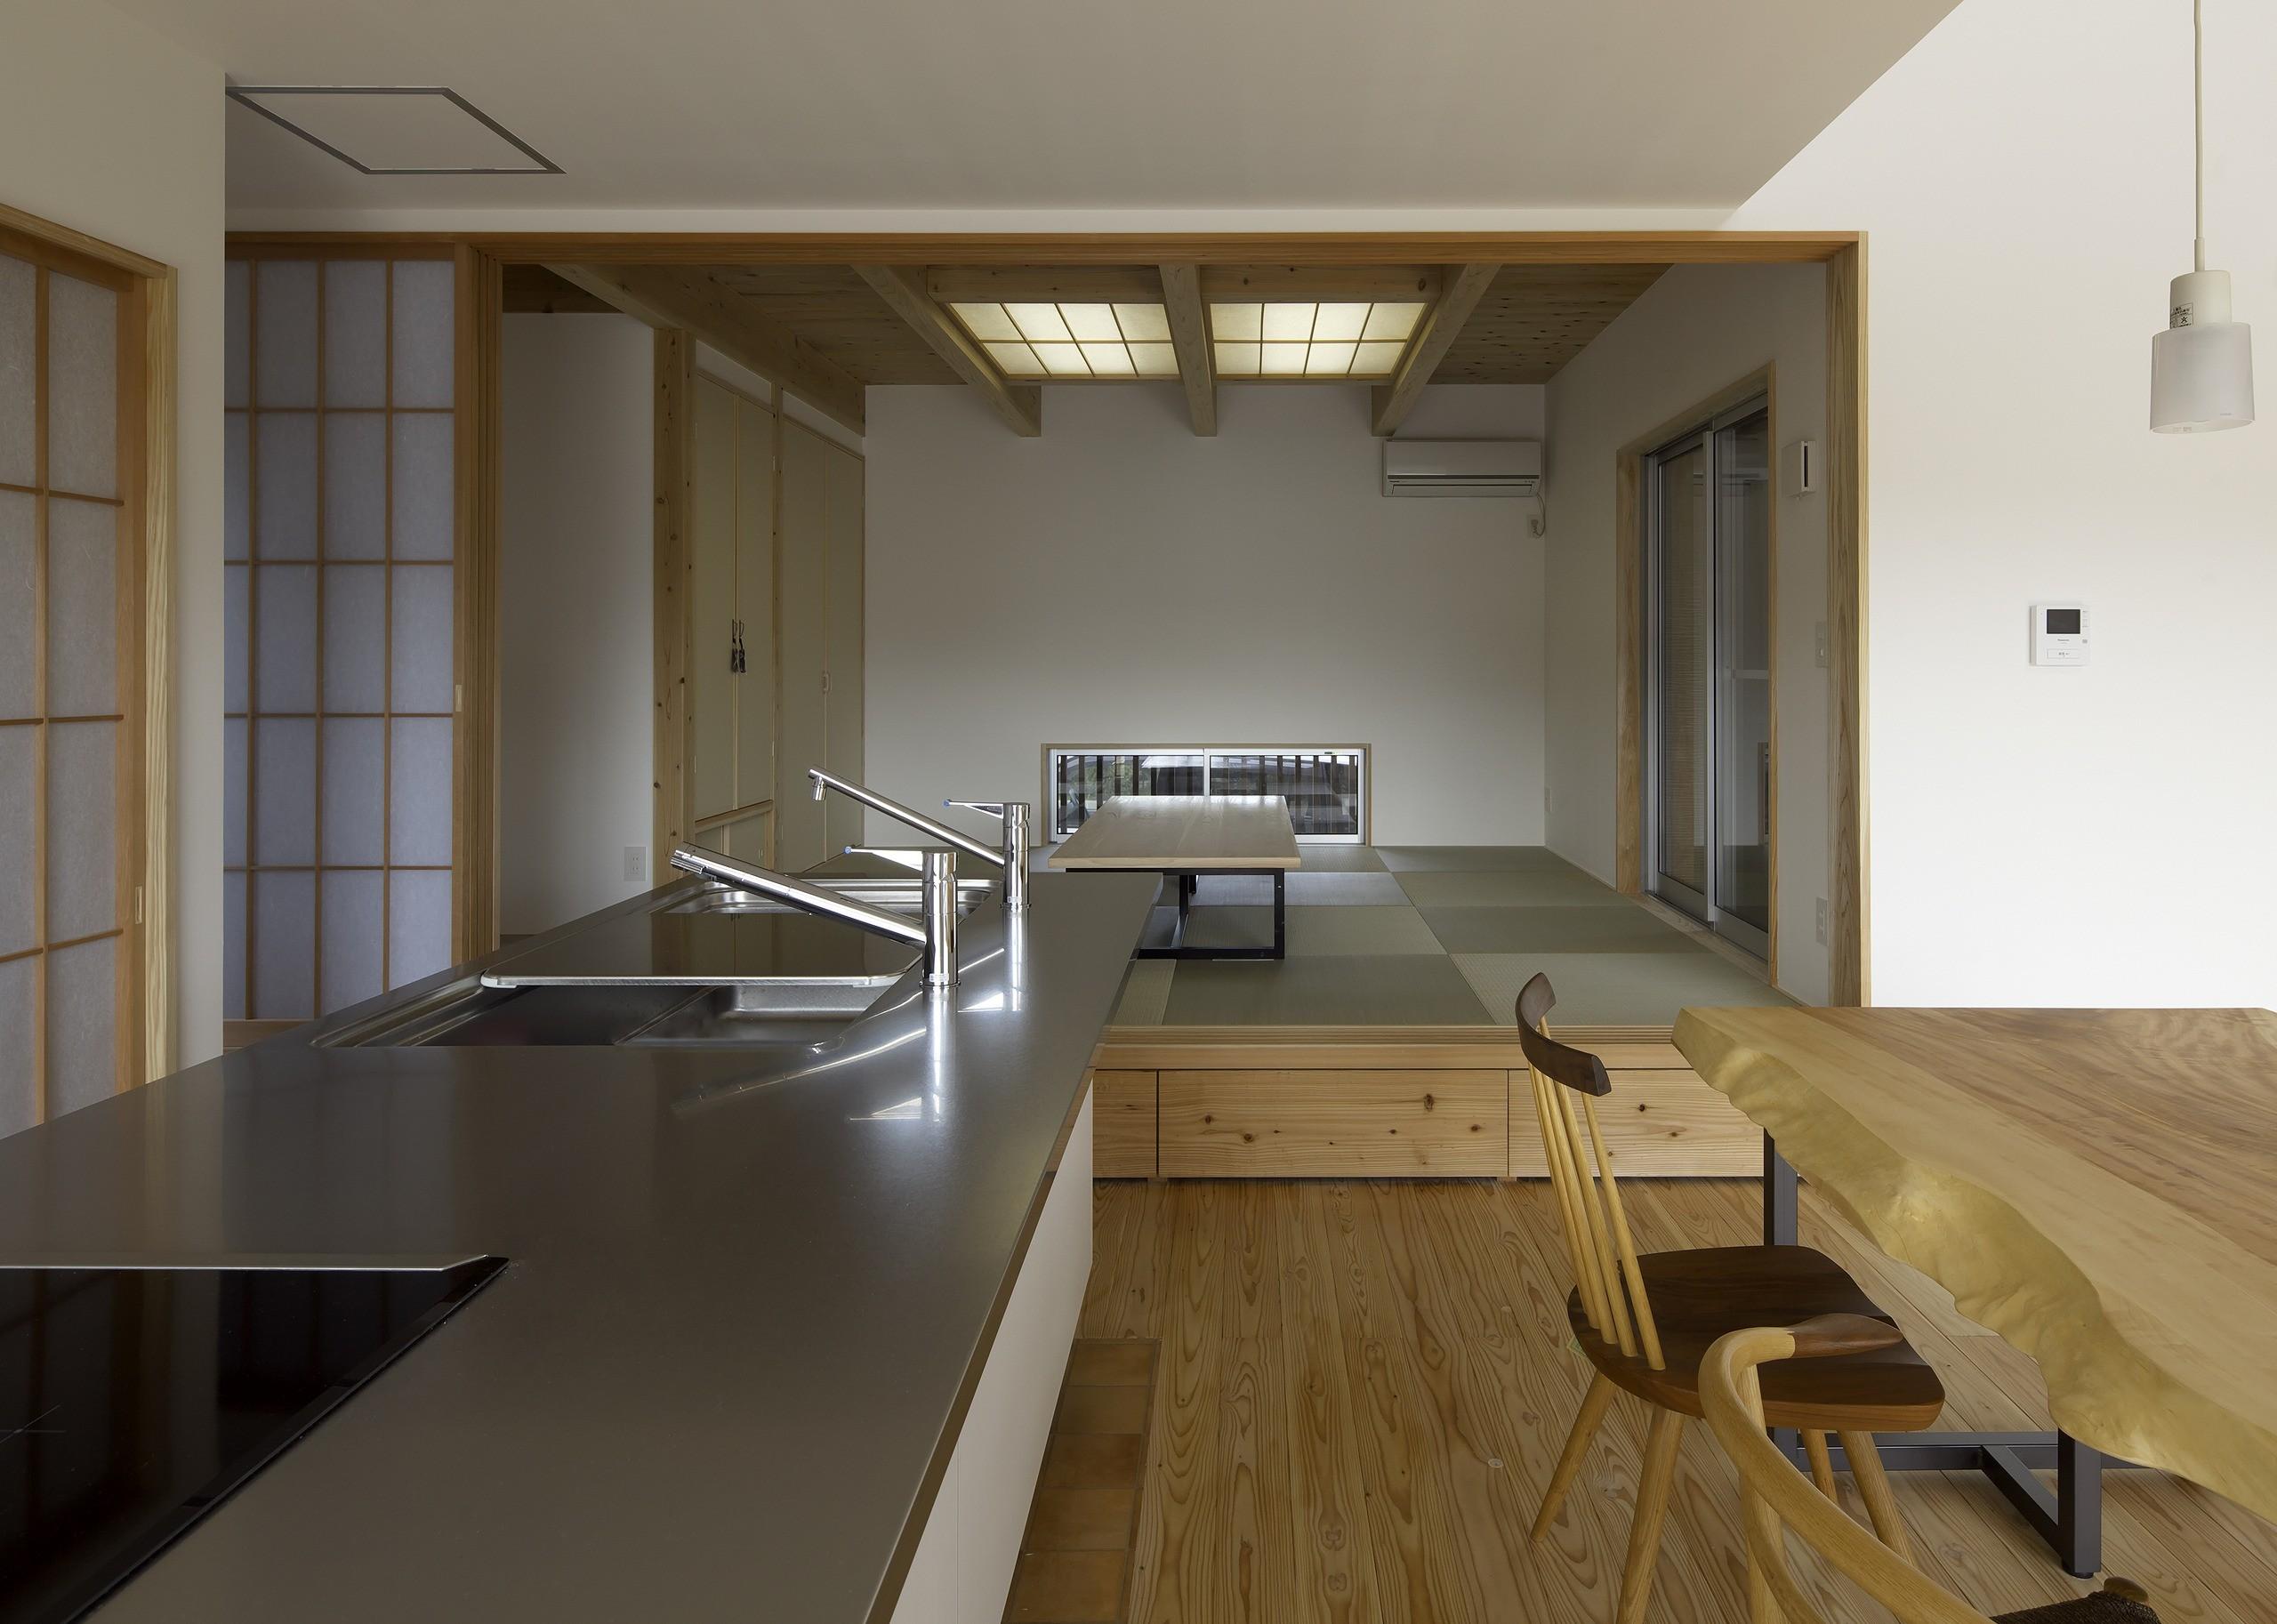 キッチン事例:DKから小上りの和室を見る。小上り部分には引出を設けて収納に、引出しの面板は一枚板を加工して造りました。木目が通って綺麗です。(「ひかりヶ丘の家」~借景を楽しむ和モダンなスキップフロアーの家)